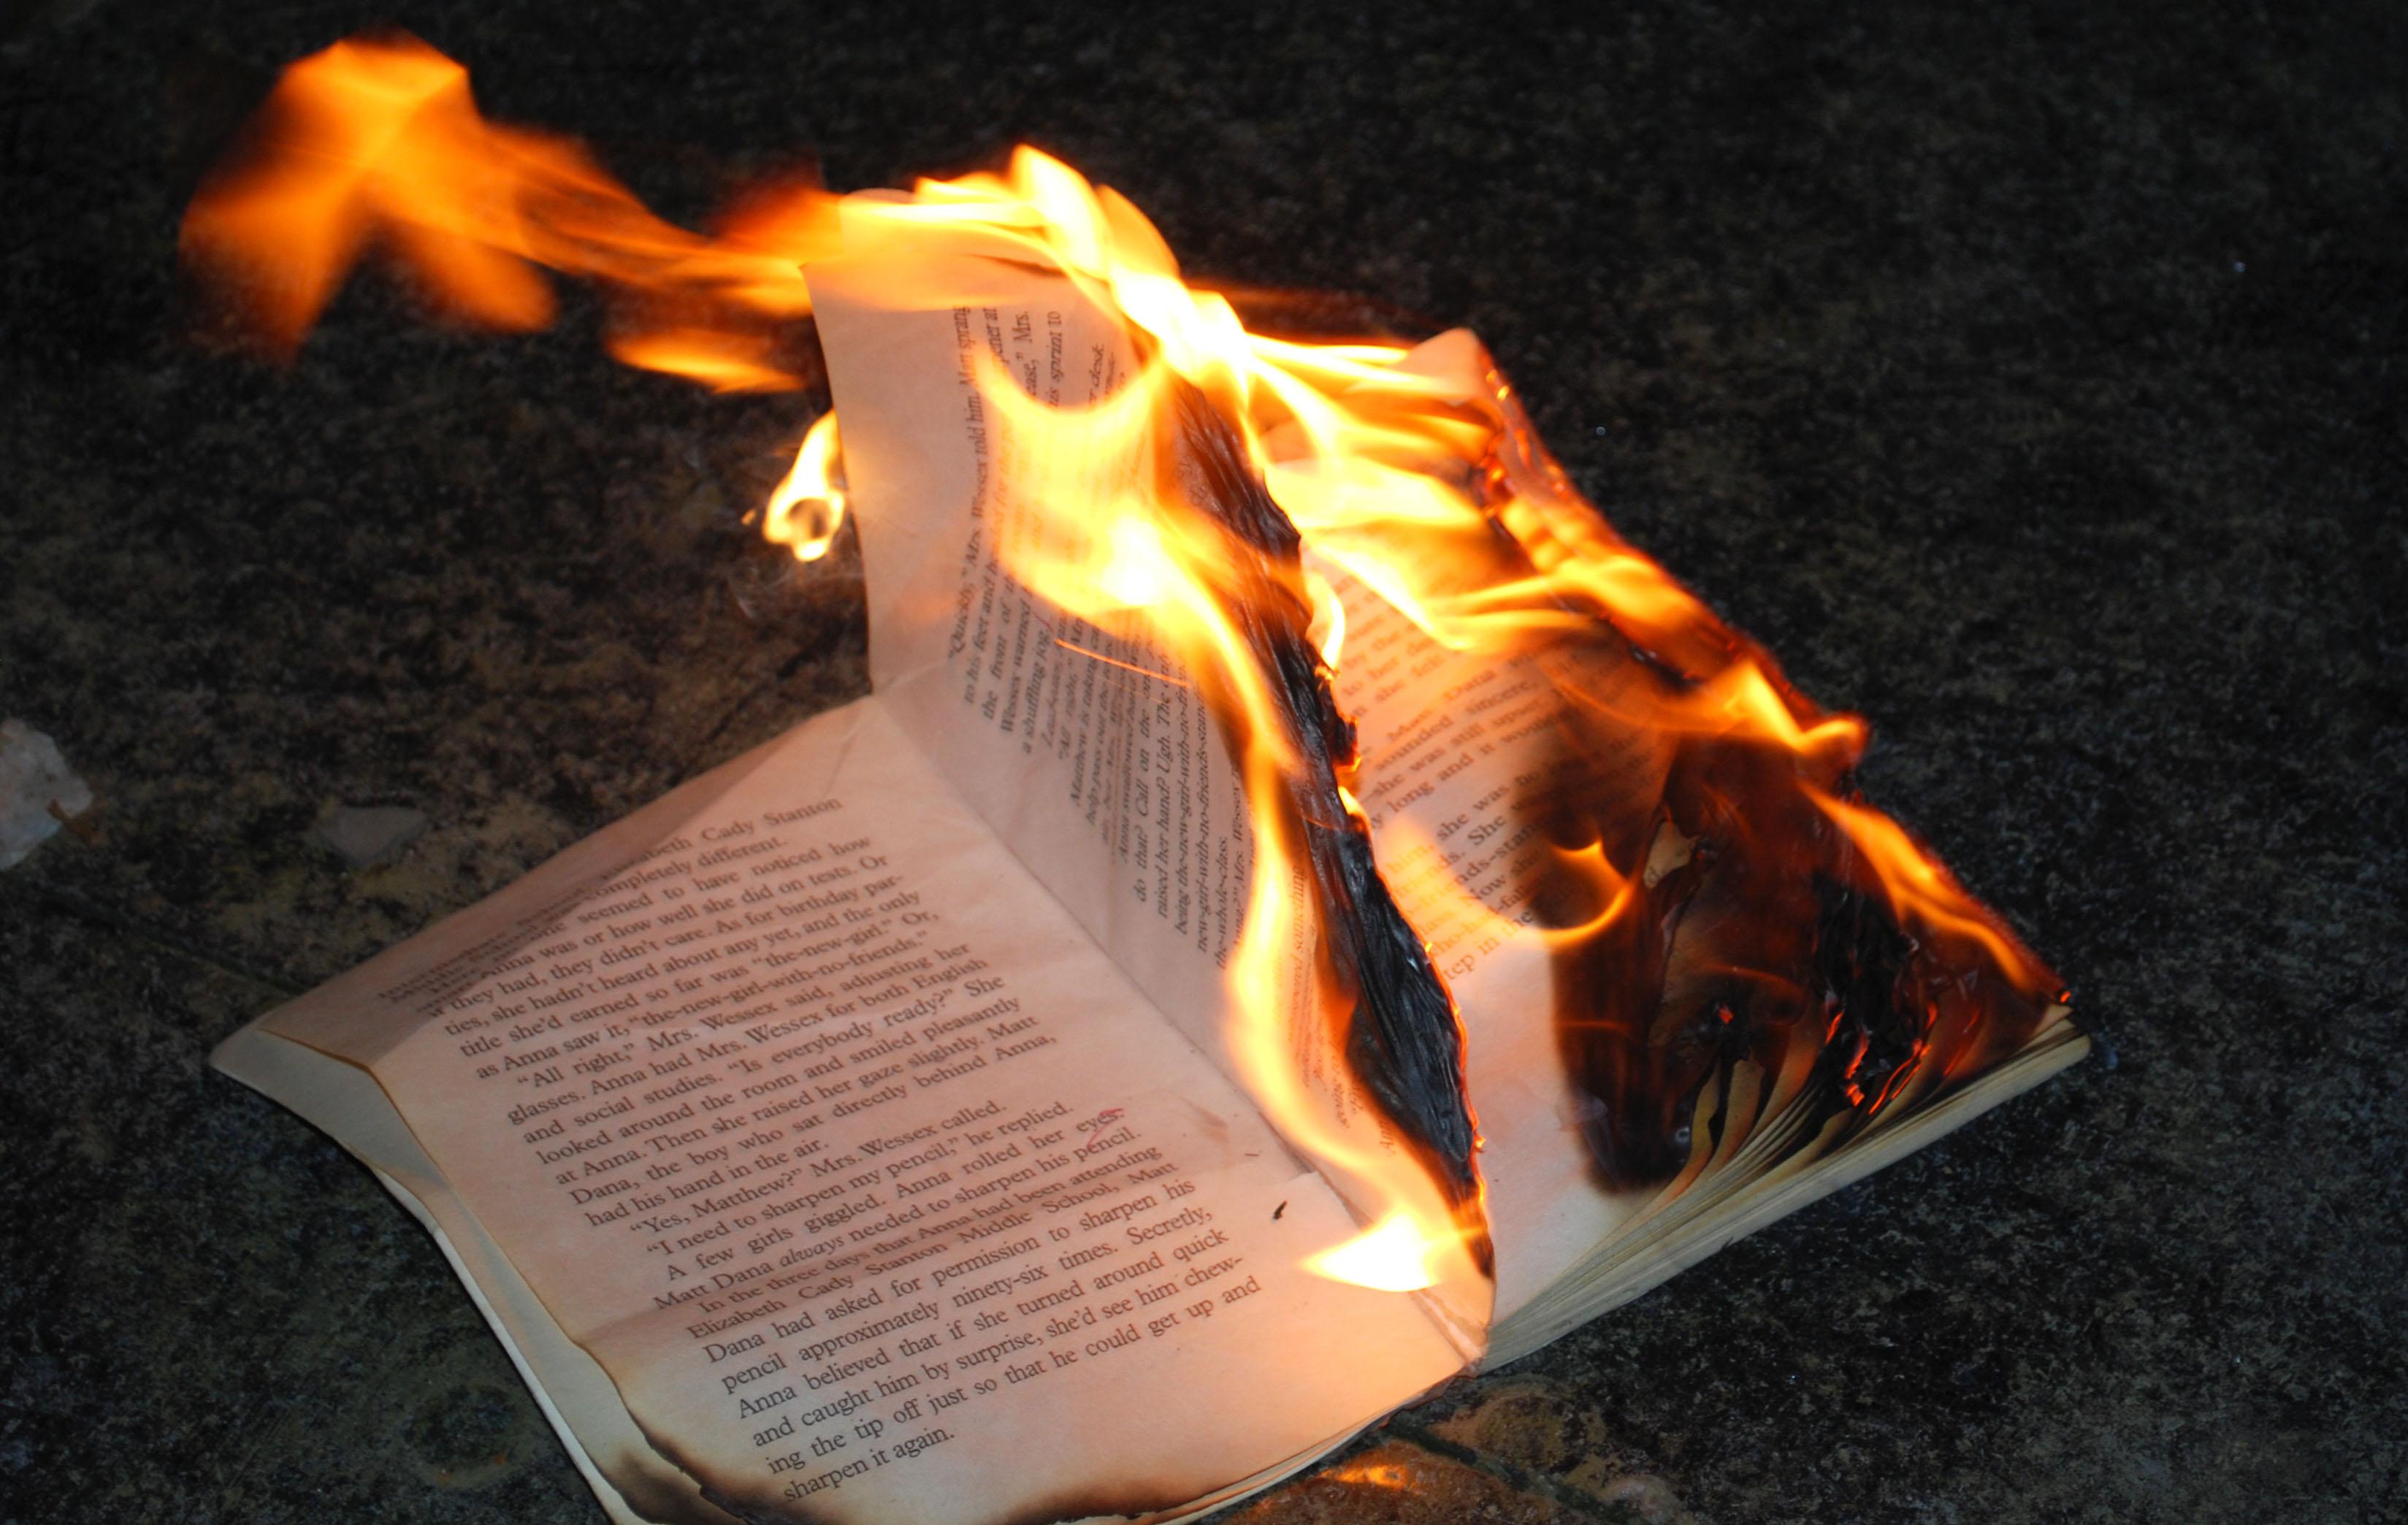 El d a que el diputado lara quem libros entre r os ahora - Libros para relajar la mente ...